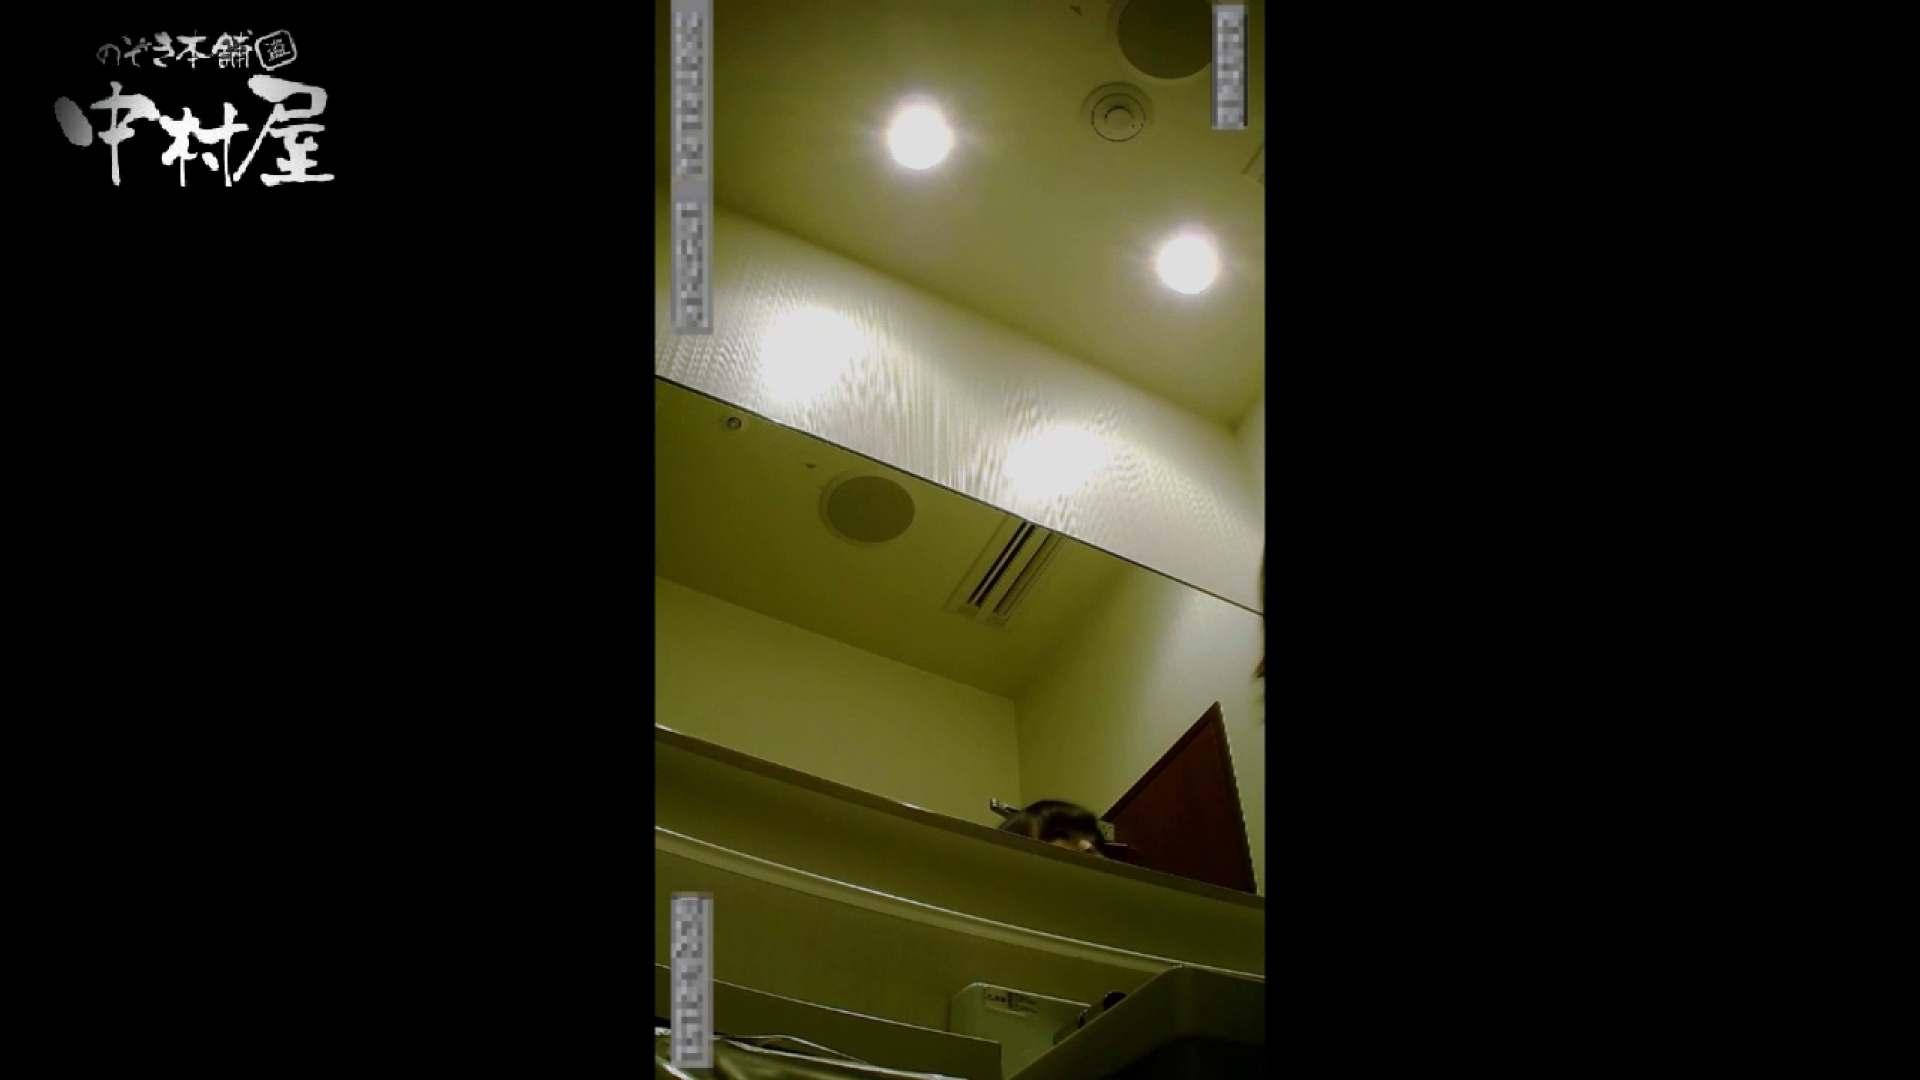 高画質トイレ盗撮vol.13 高画質 覗きおまんこ画像 94pic 19